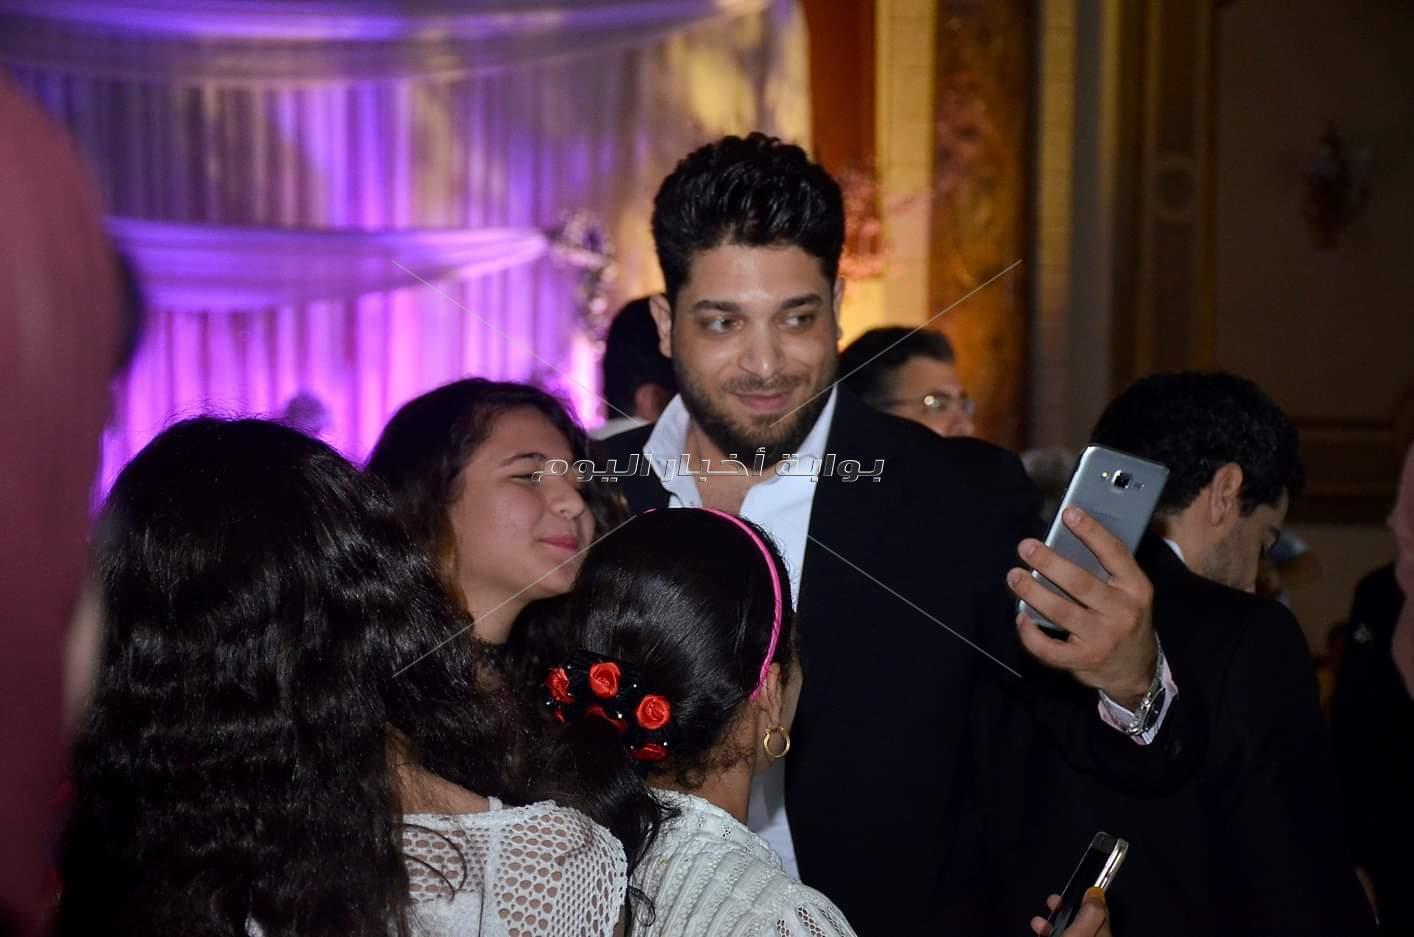 بهاء سلطان وسامو زين أبرز حضور زفاف شقيق الملحن معتز أمين